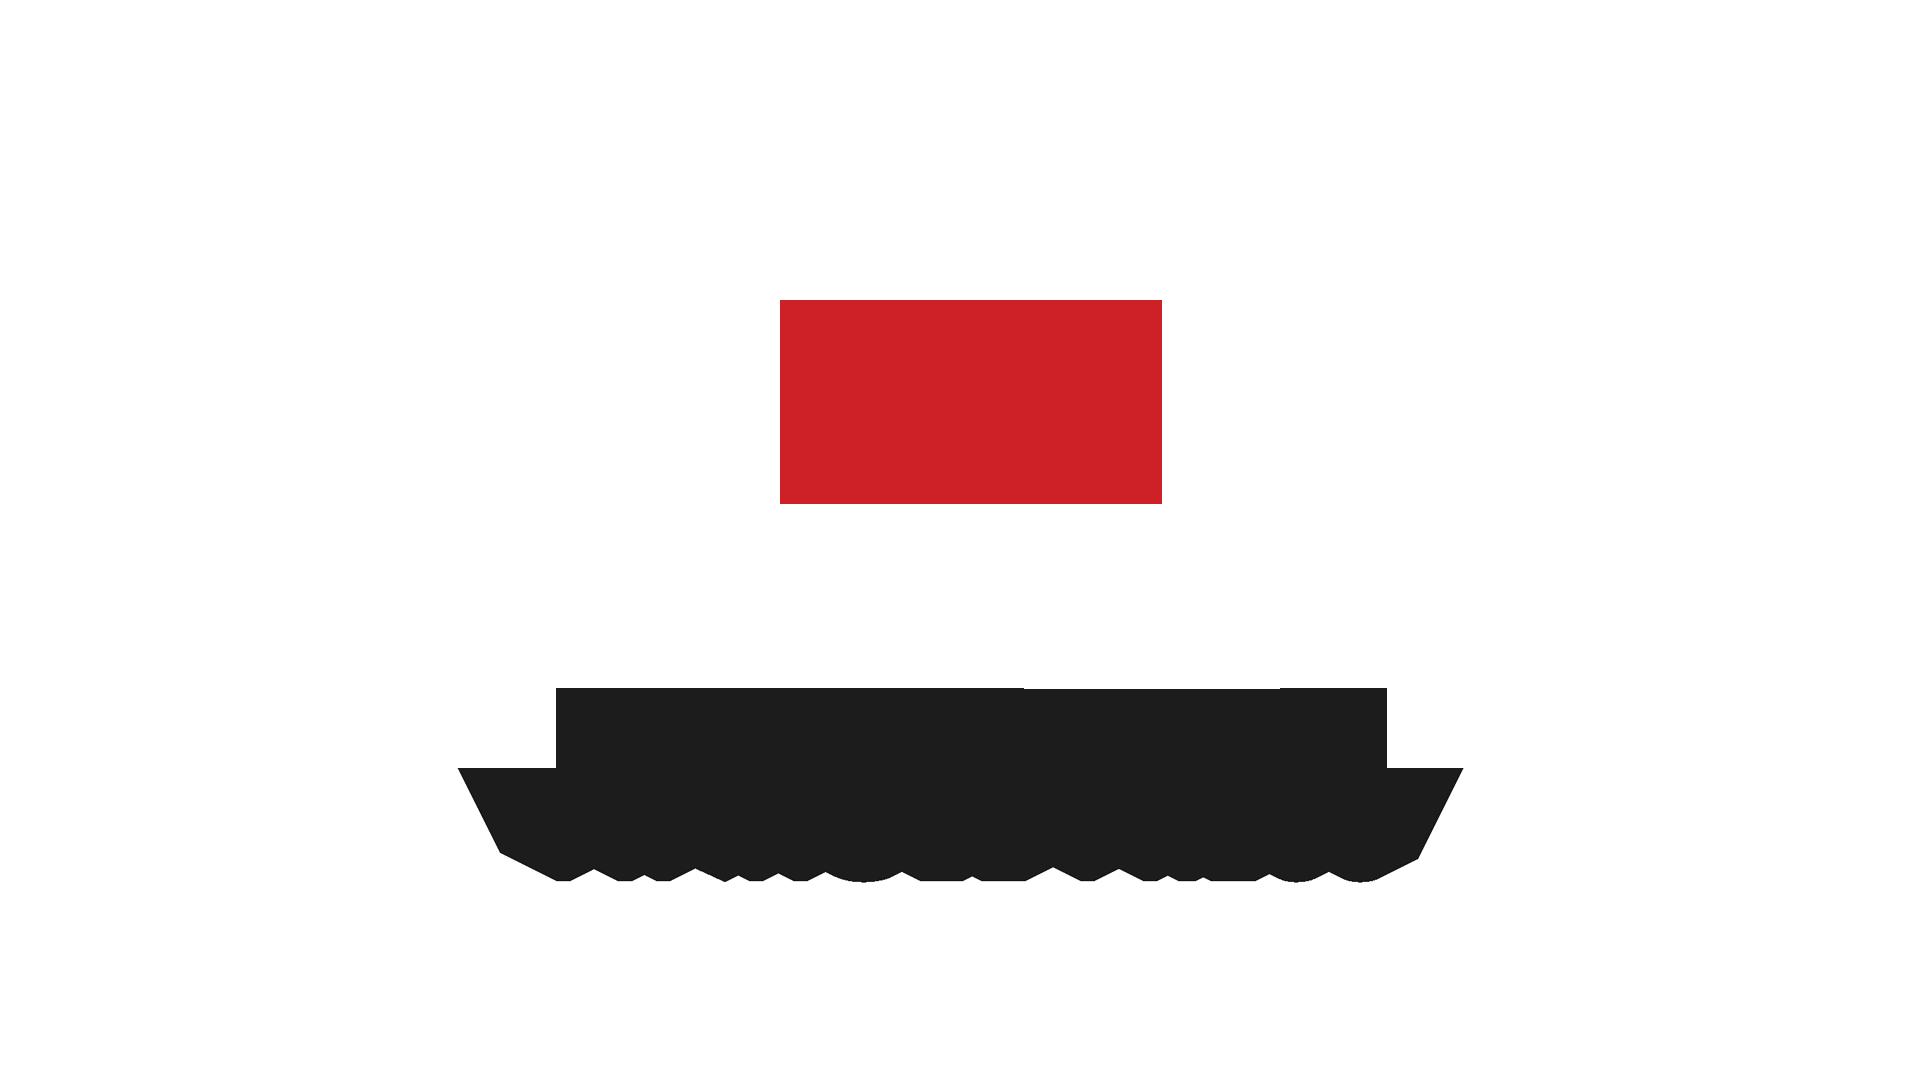 8_pinhole press